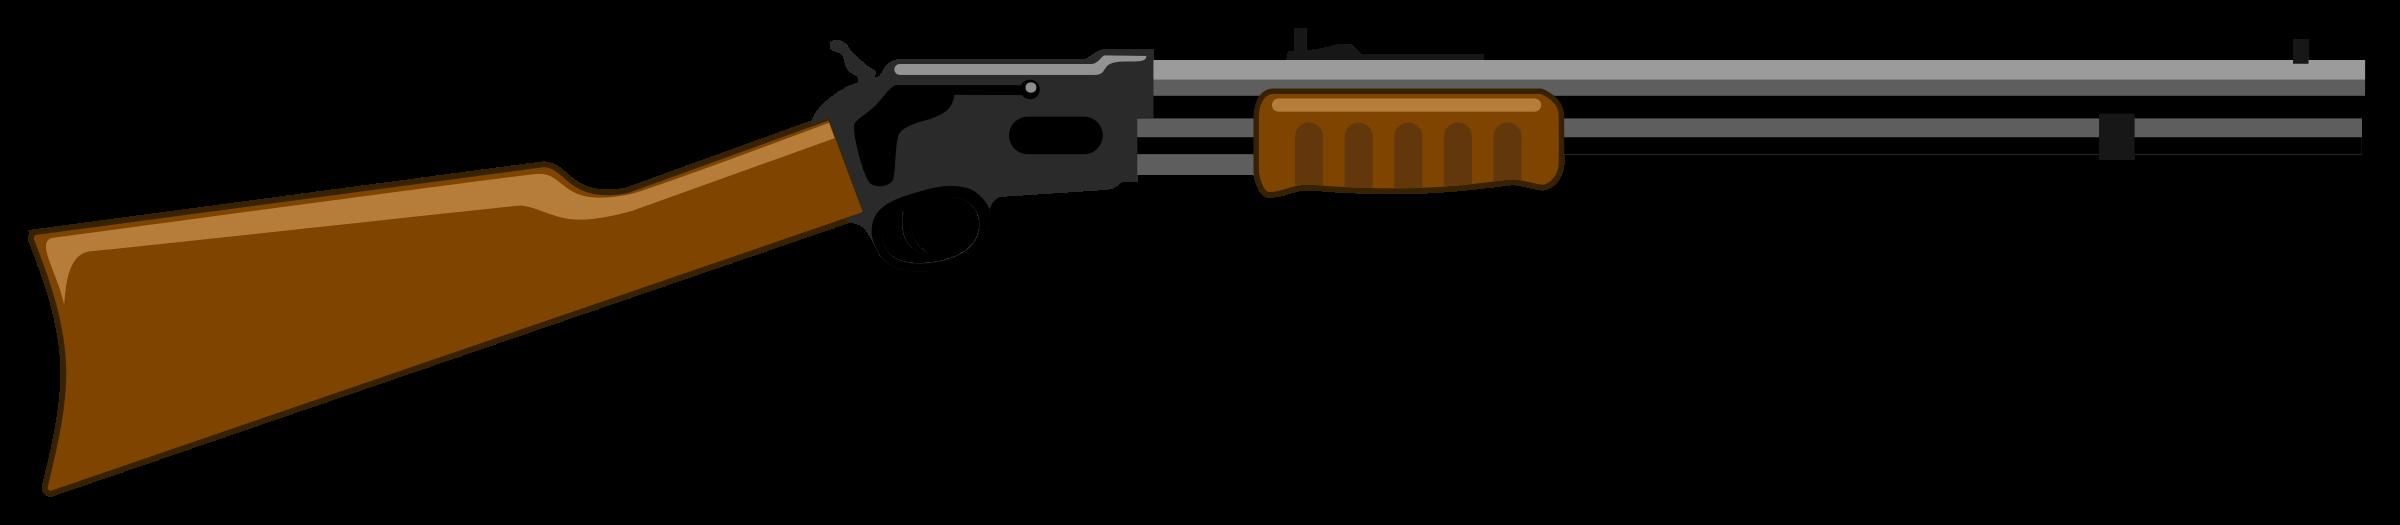 Rifle. Clipart gun pdf